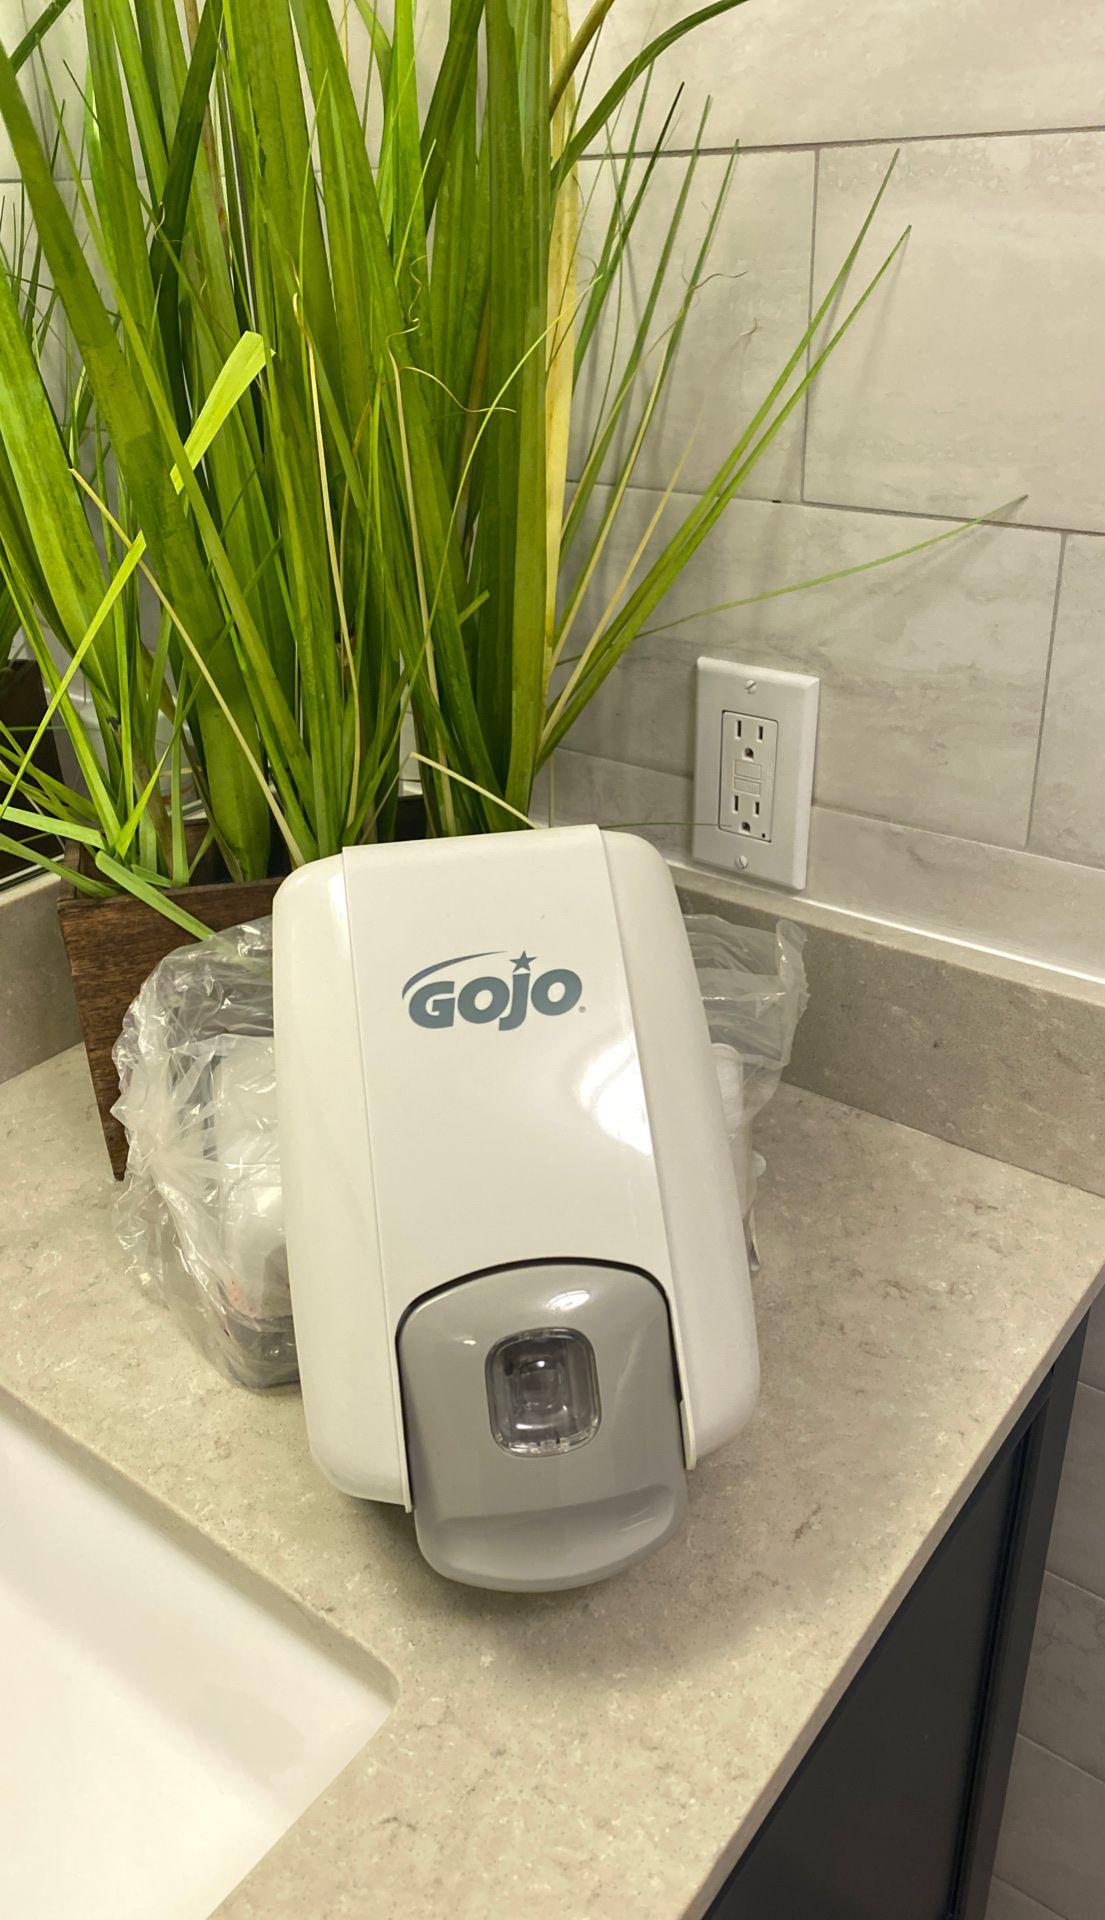 Soap dispenser Gojo commercial